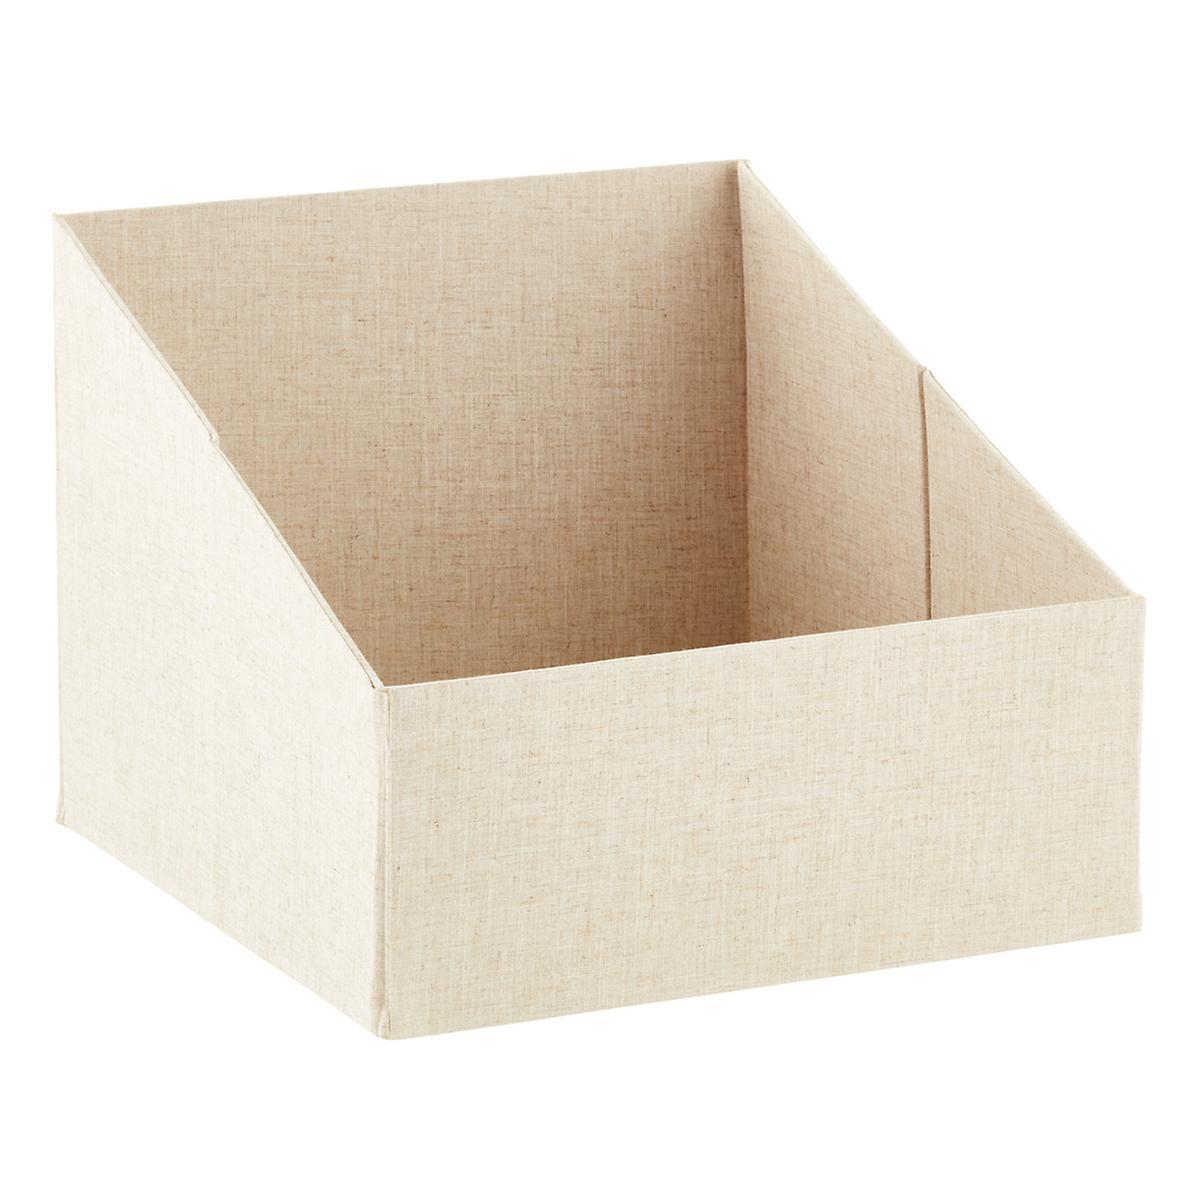 Linen Purse Storage Bin